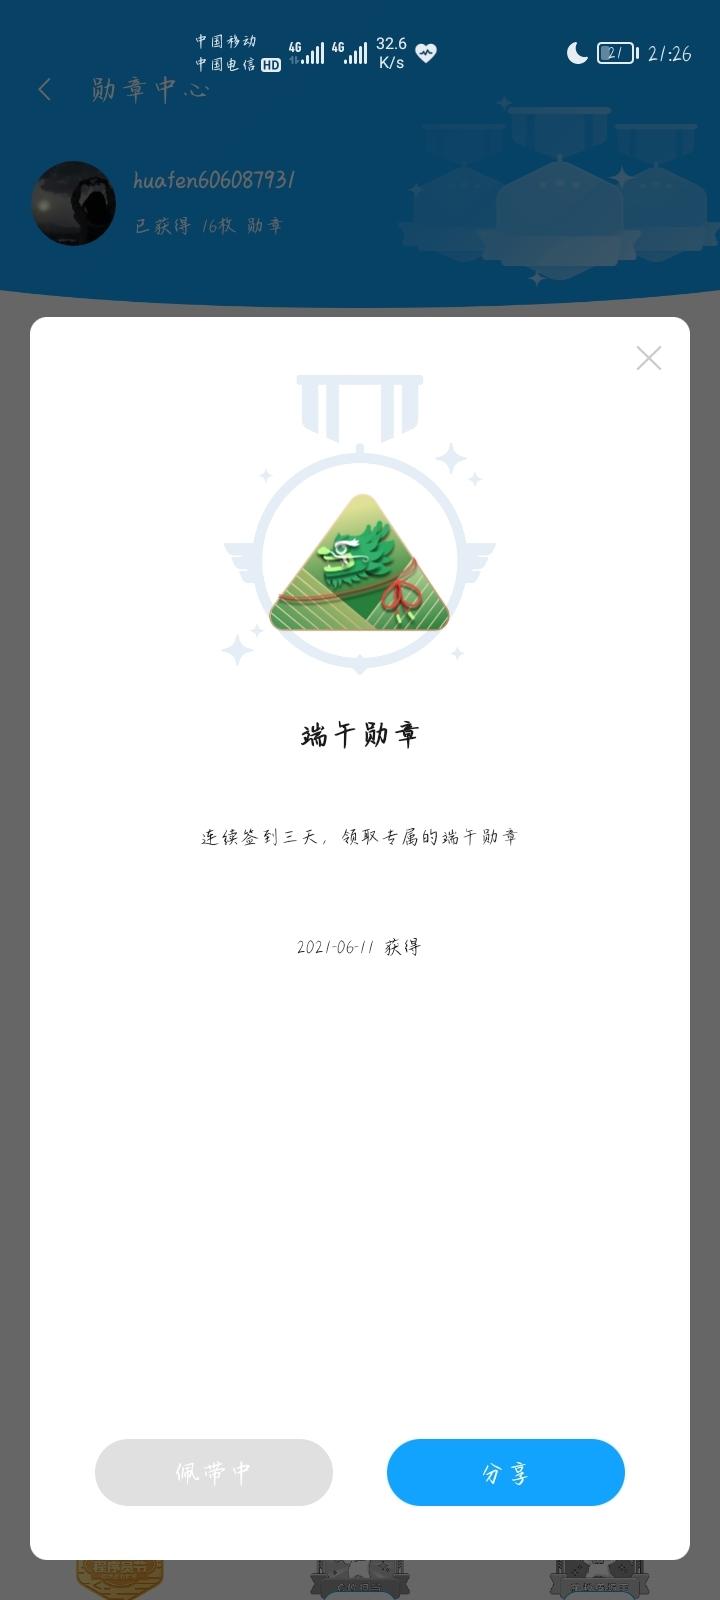 Screenshot_20210611_212653_com.huawei.fans.jpg